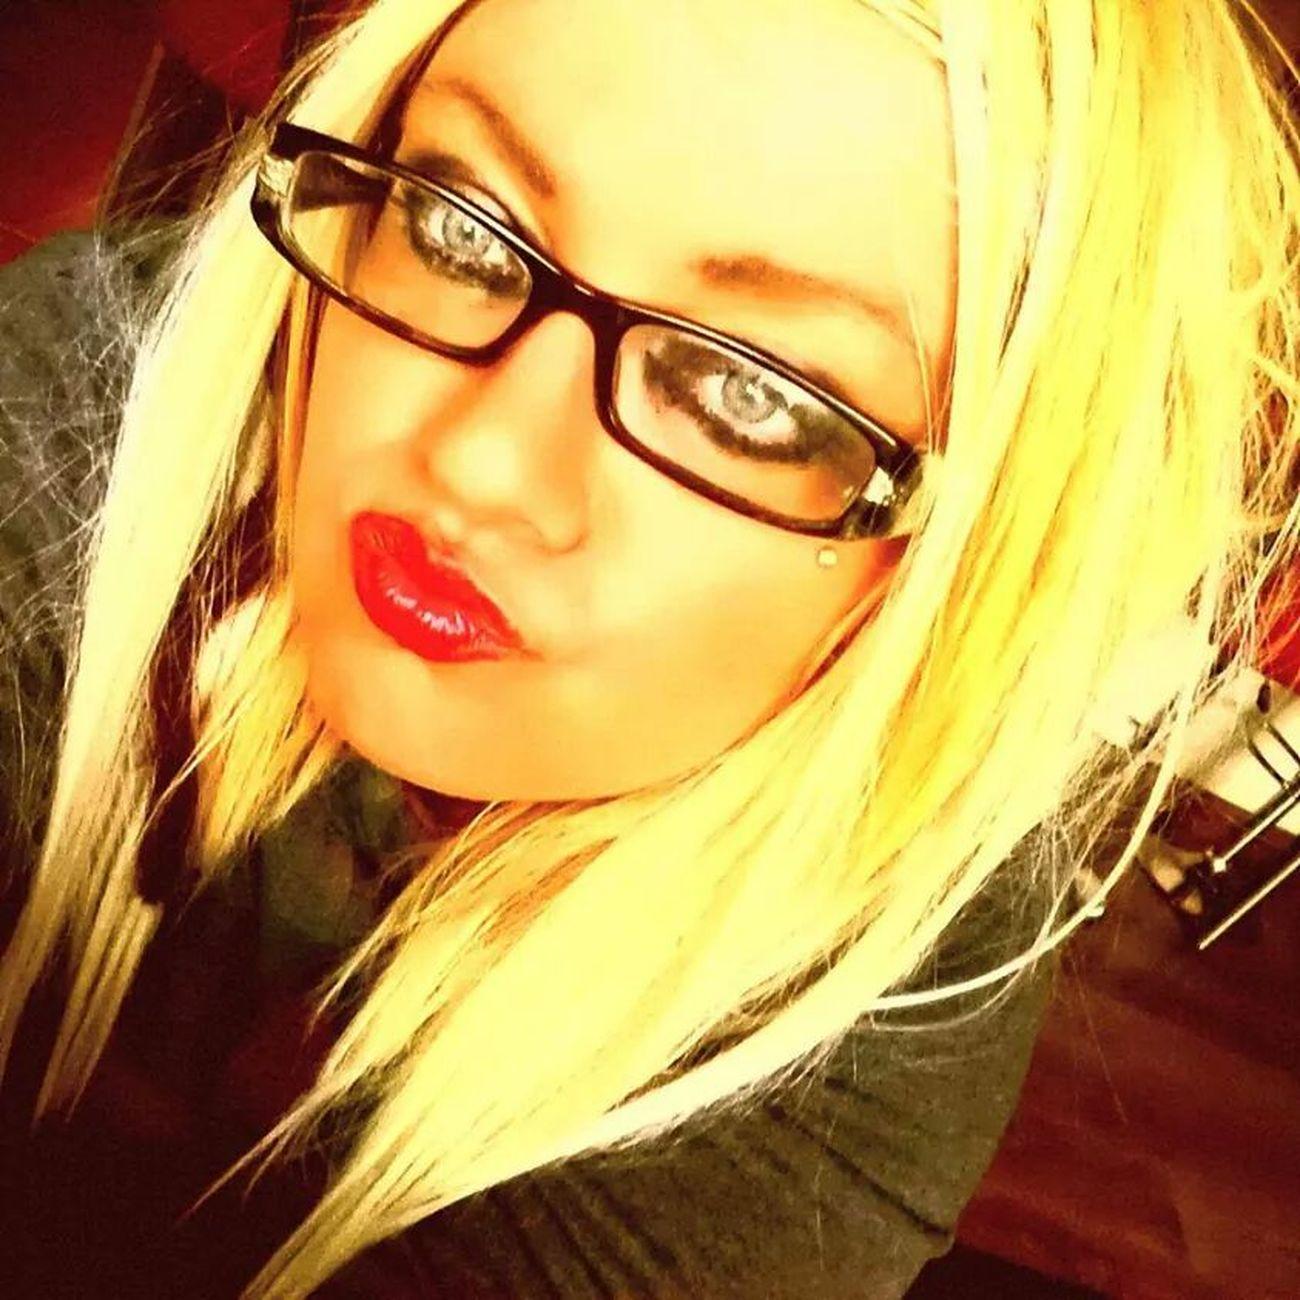 Puckerup💋 Kisskiss#cute#love Lips #love #smile #pink #cute #pretty